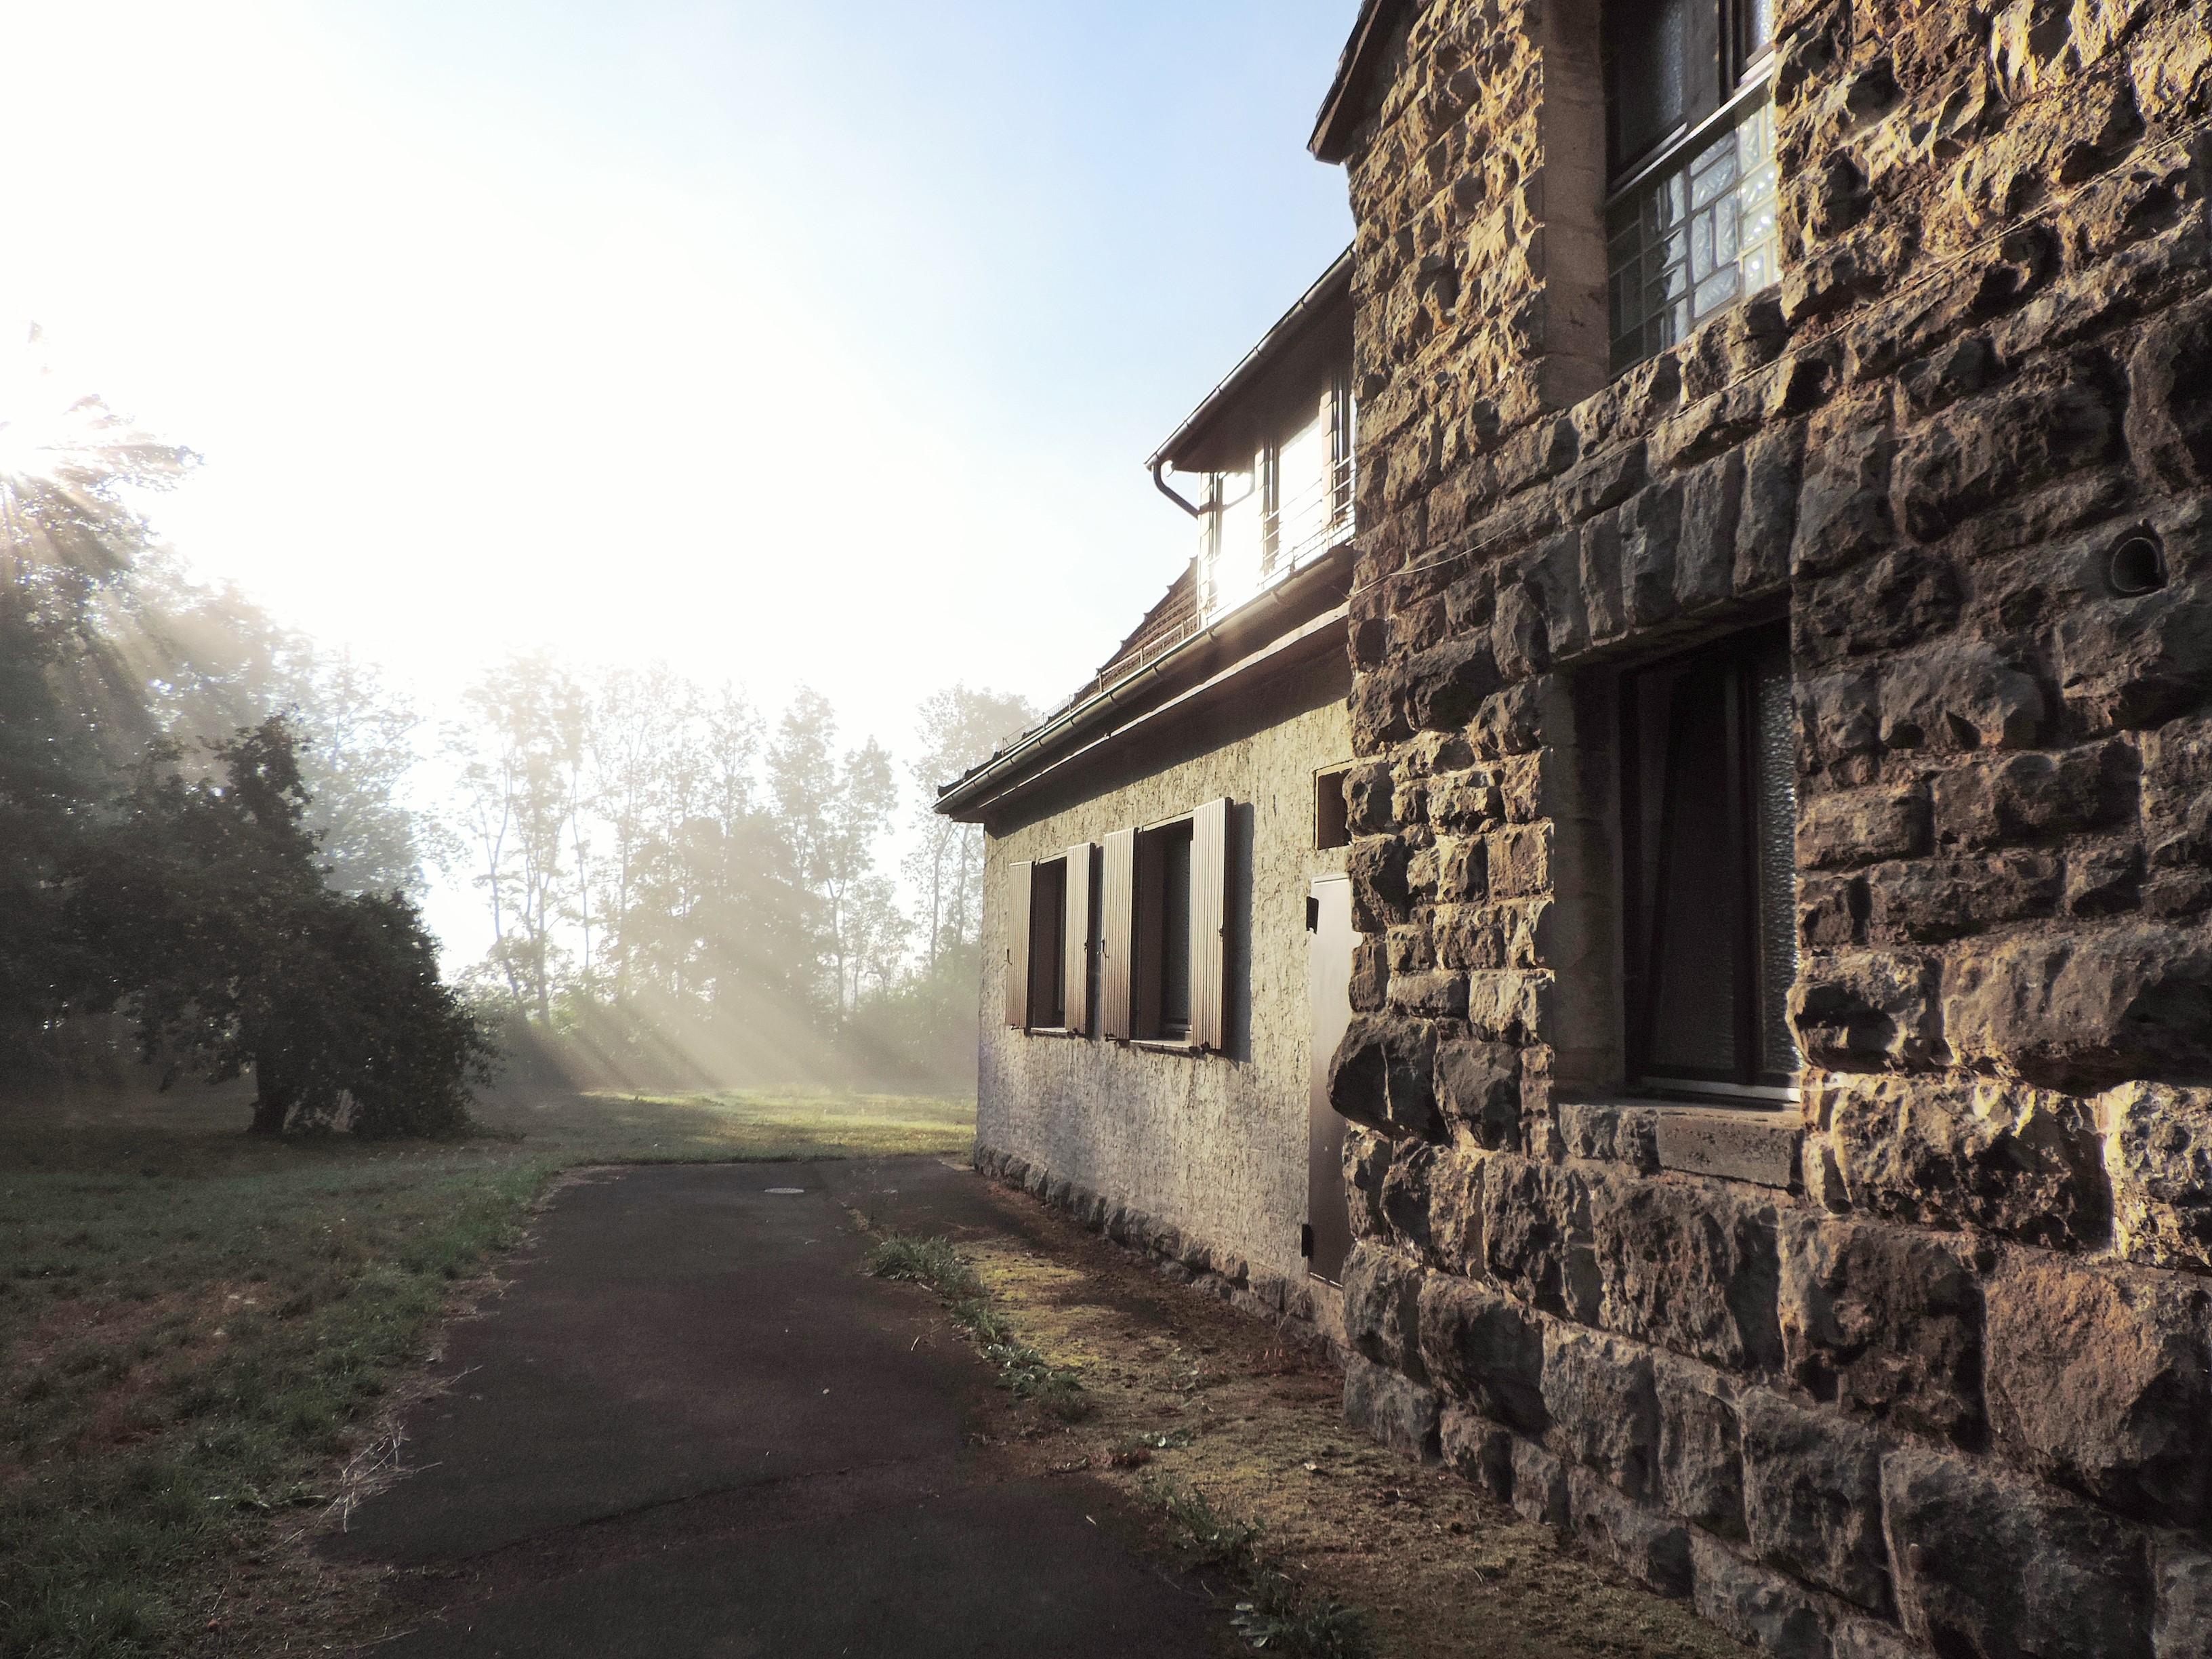 Haus Ringgau Blick am frühen Morgen auf die Muschelkalkarchitektur und das Grundstück